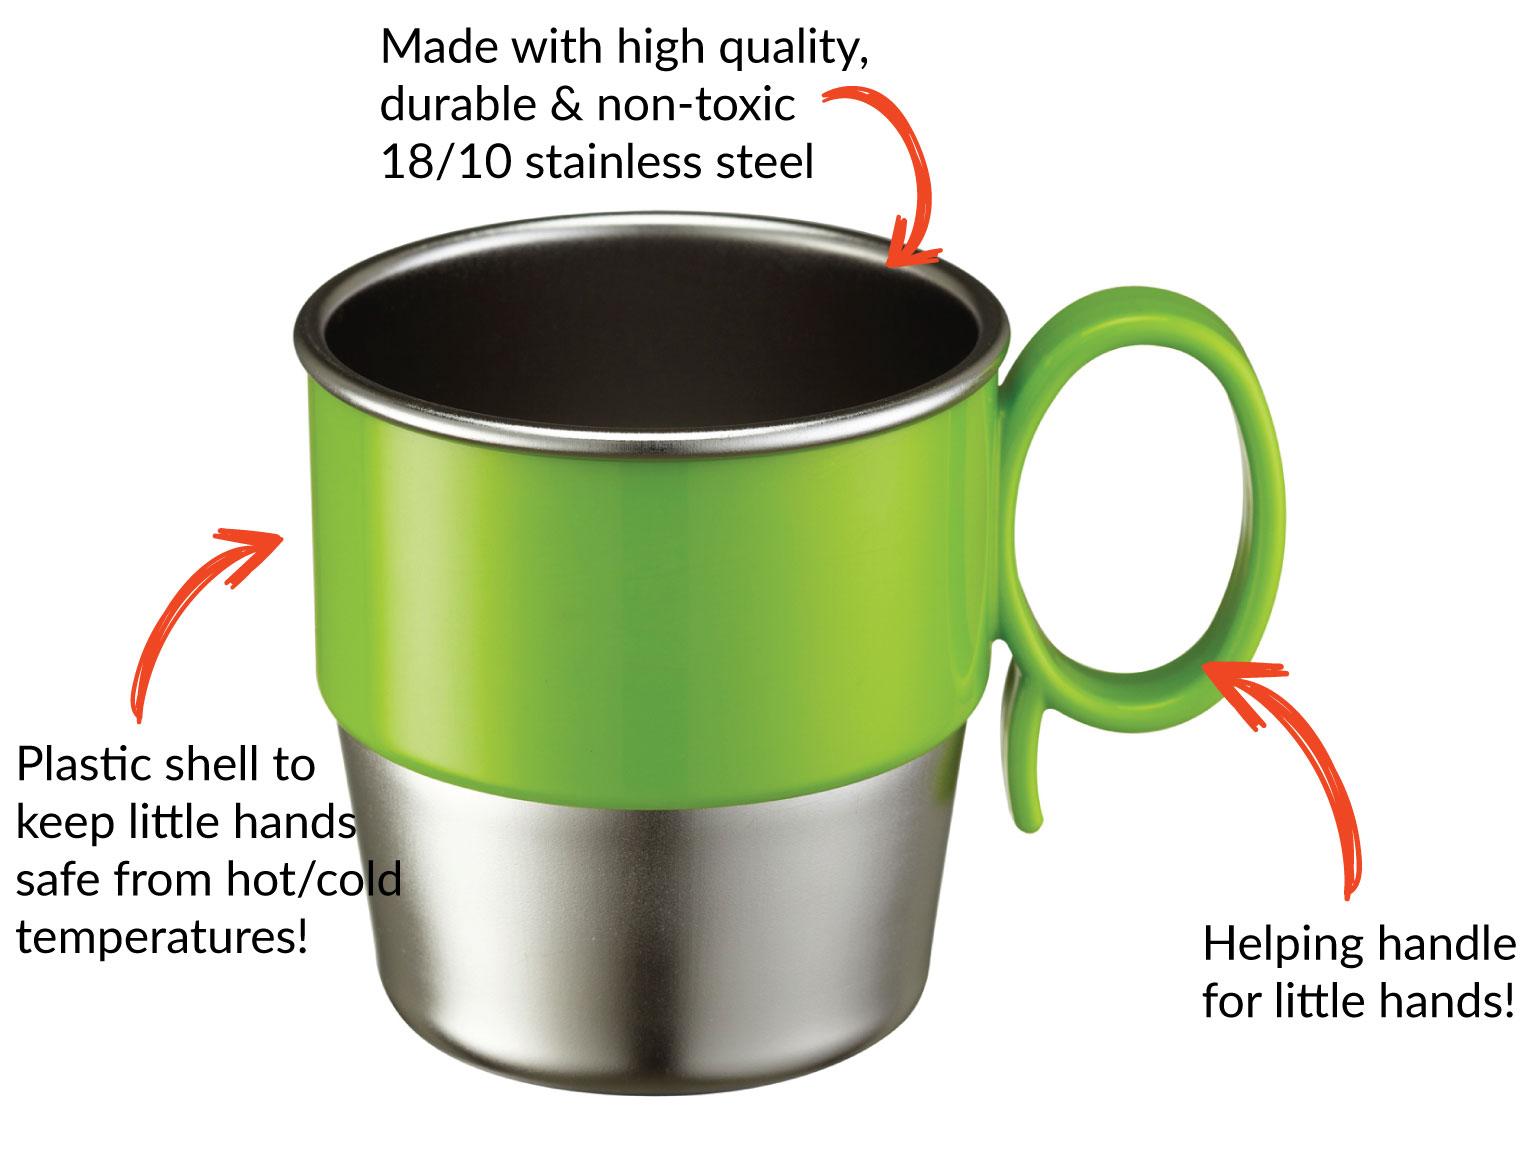 detail-image-green1.jpg